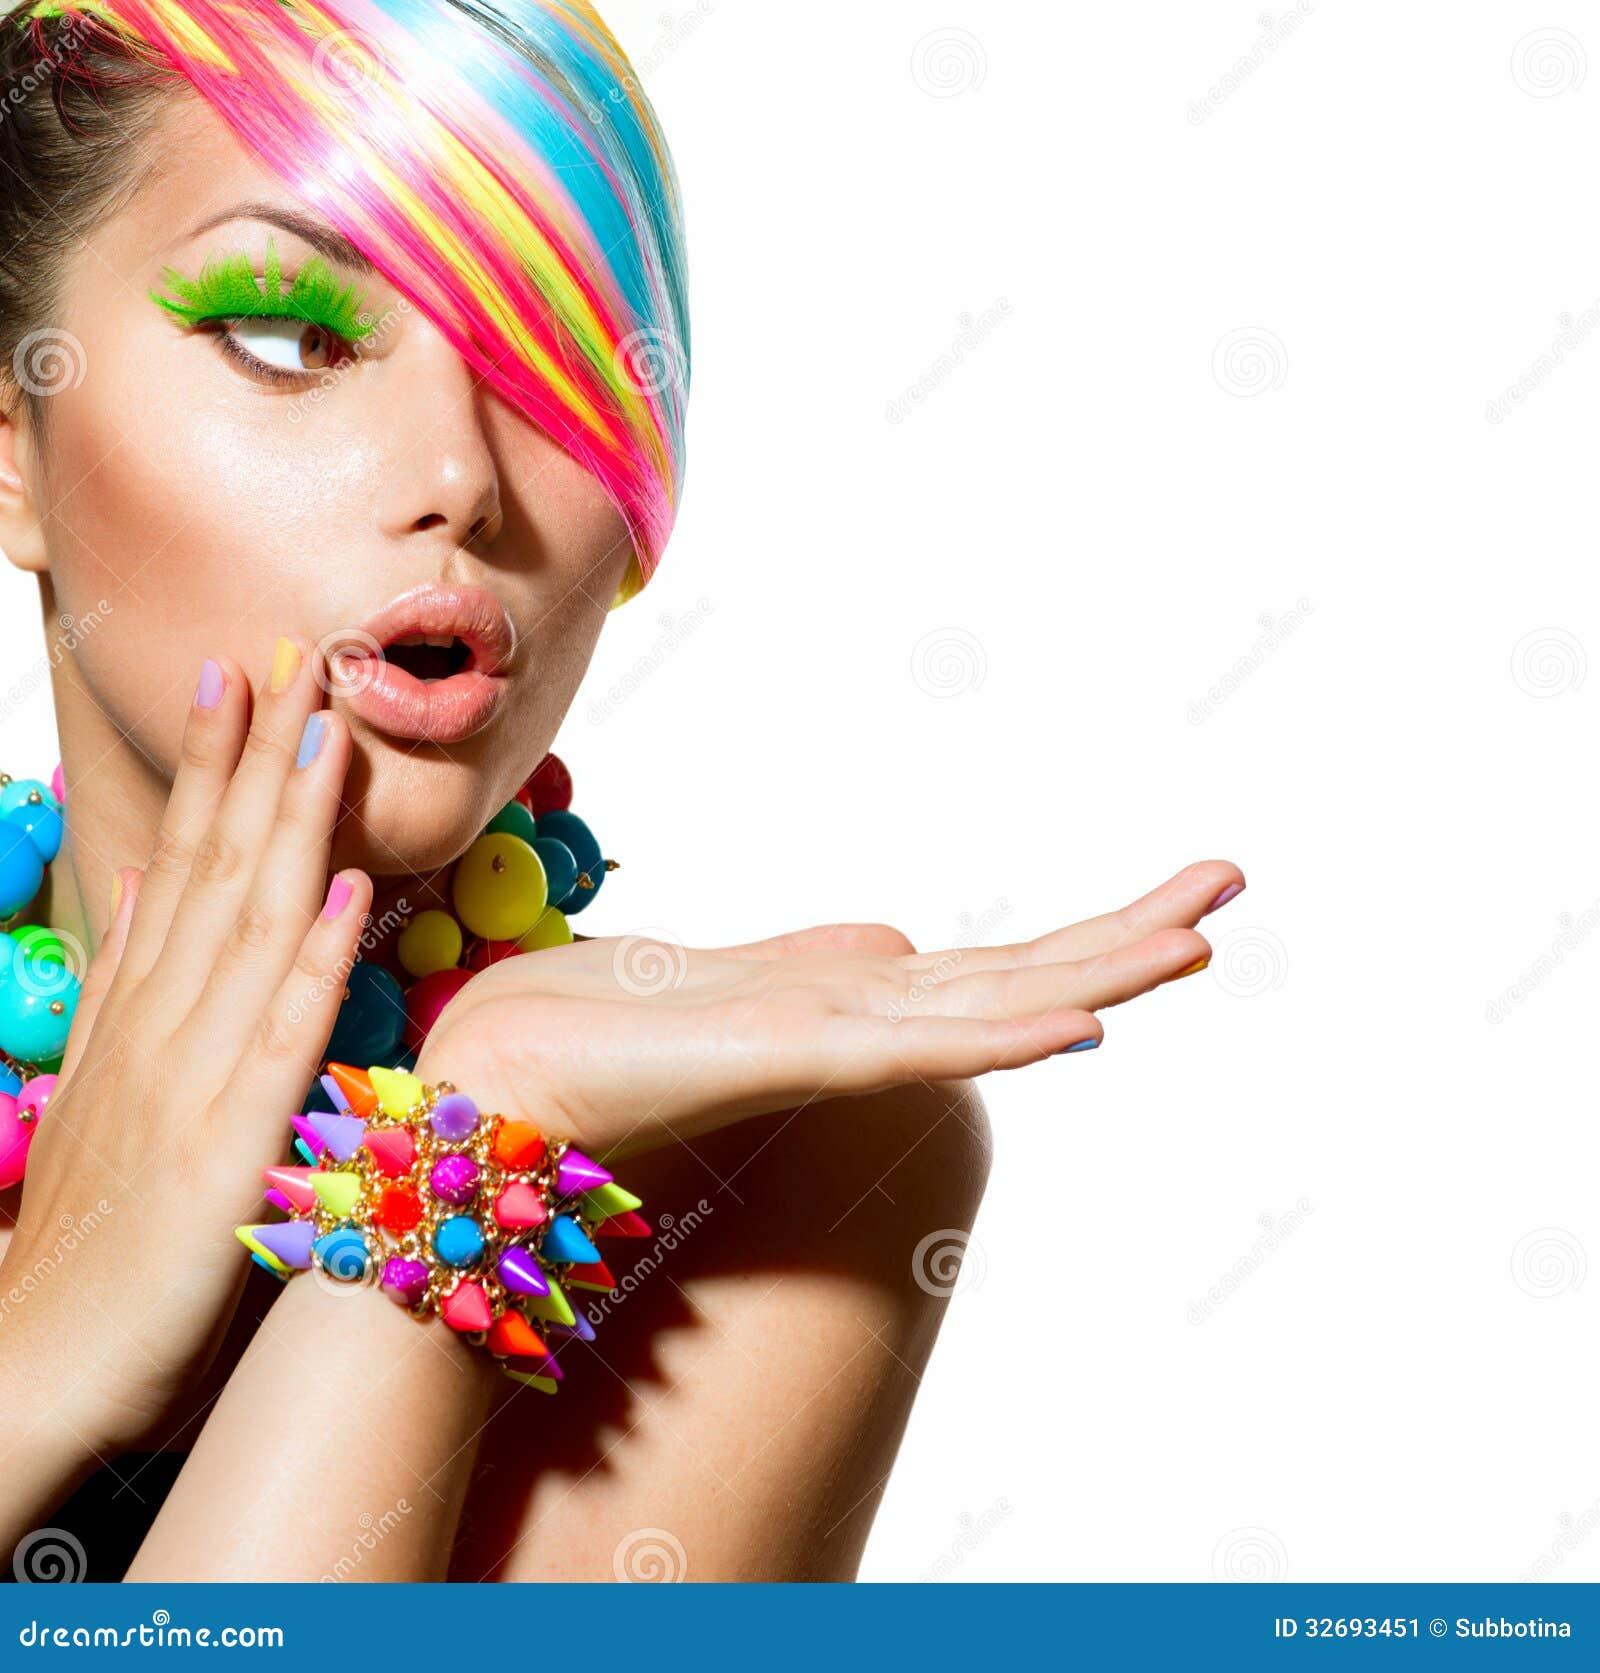 Kolorowy Makeup, włosy i akcesoria,